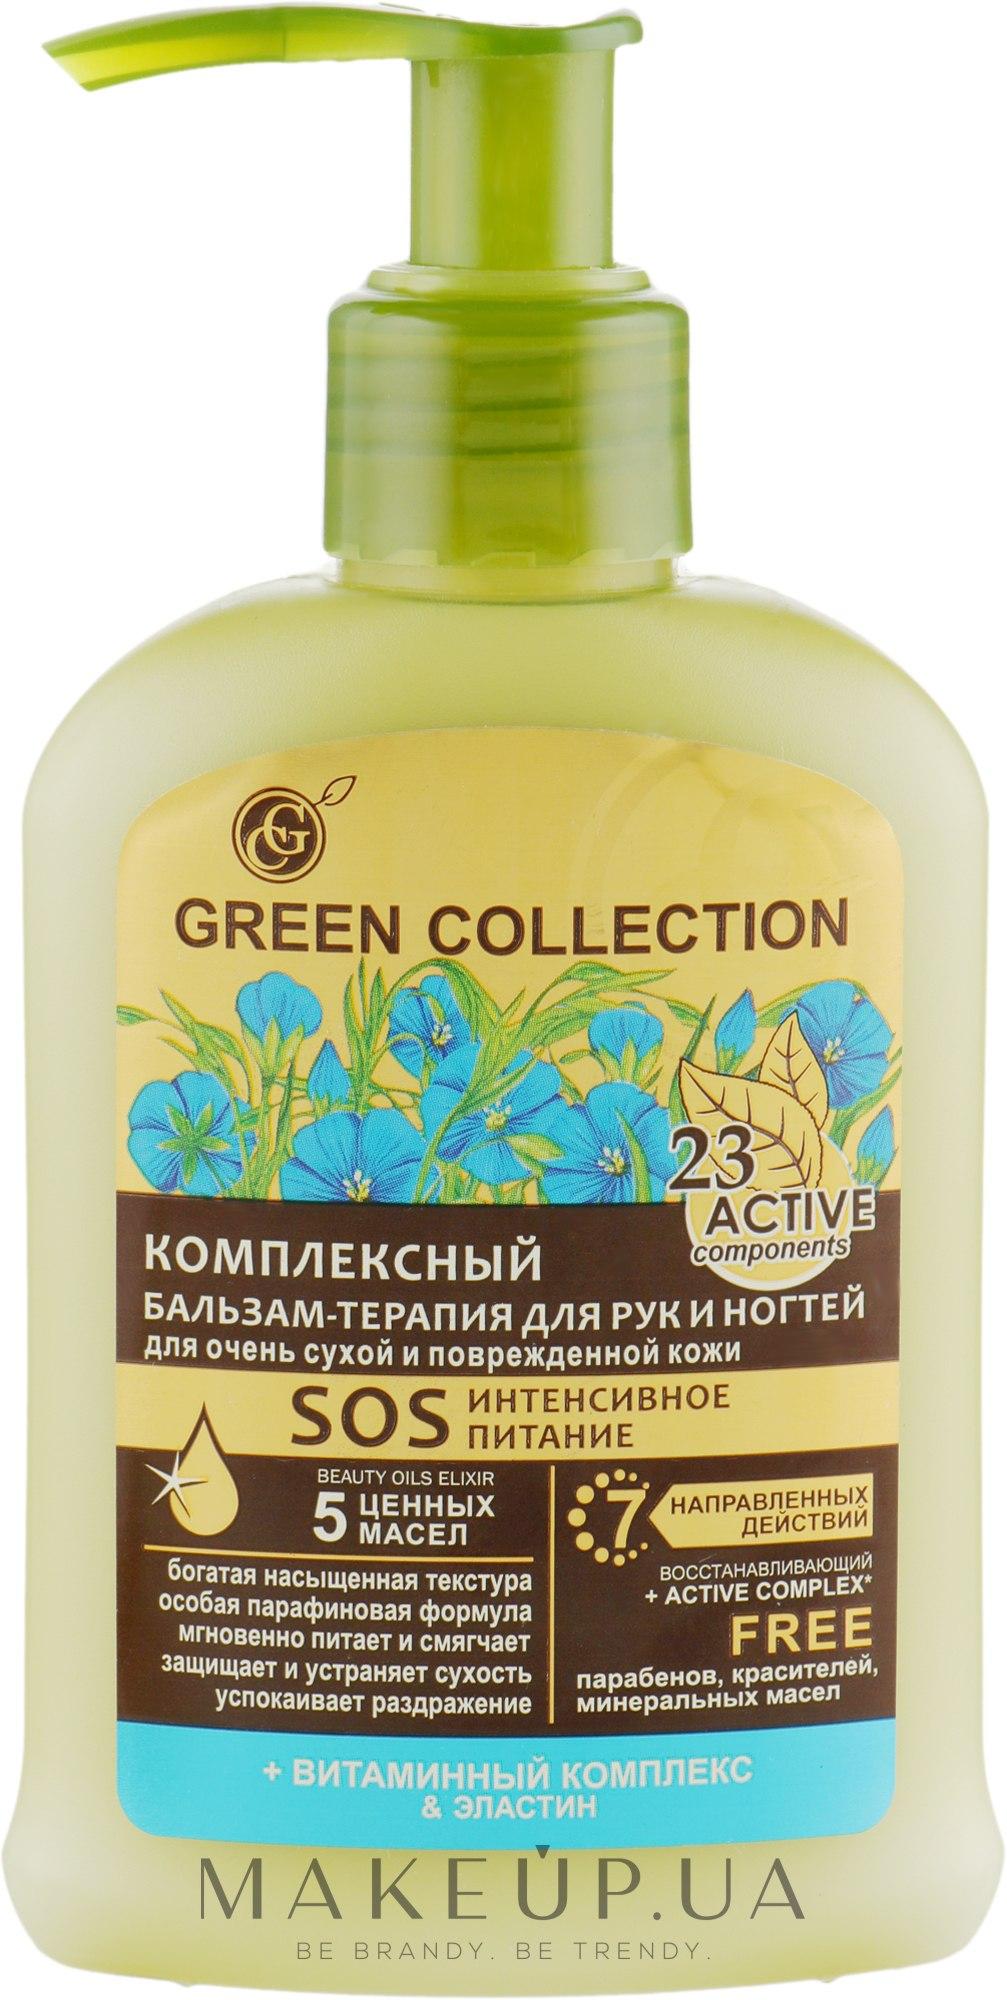 """Комплексный бальзам-терапия для рук и ногтей """"SOS Интенсивное питание"""" - Green Collection — фото 120ml"""